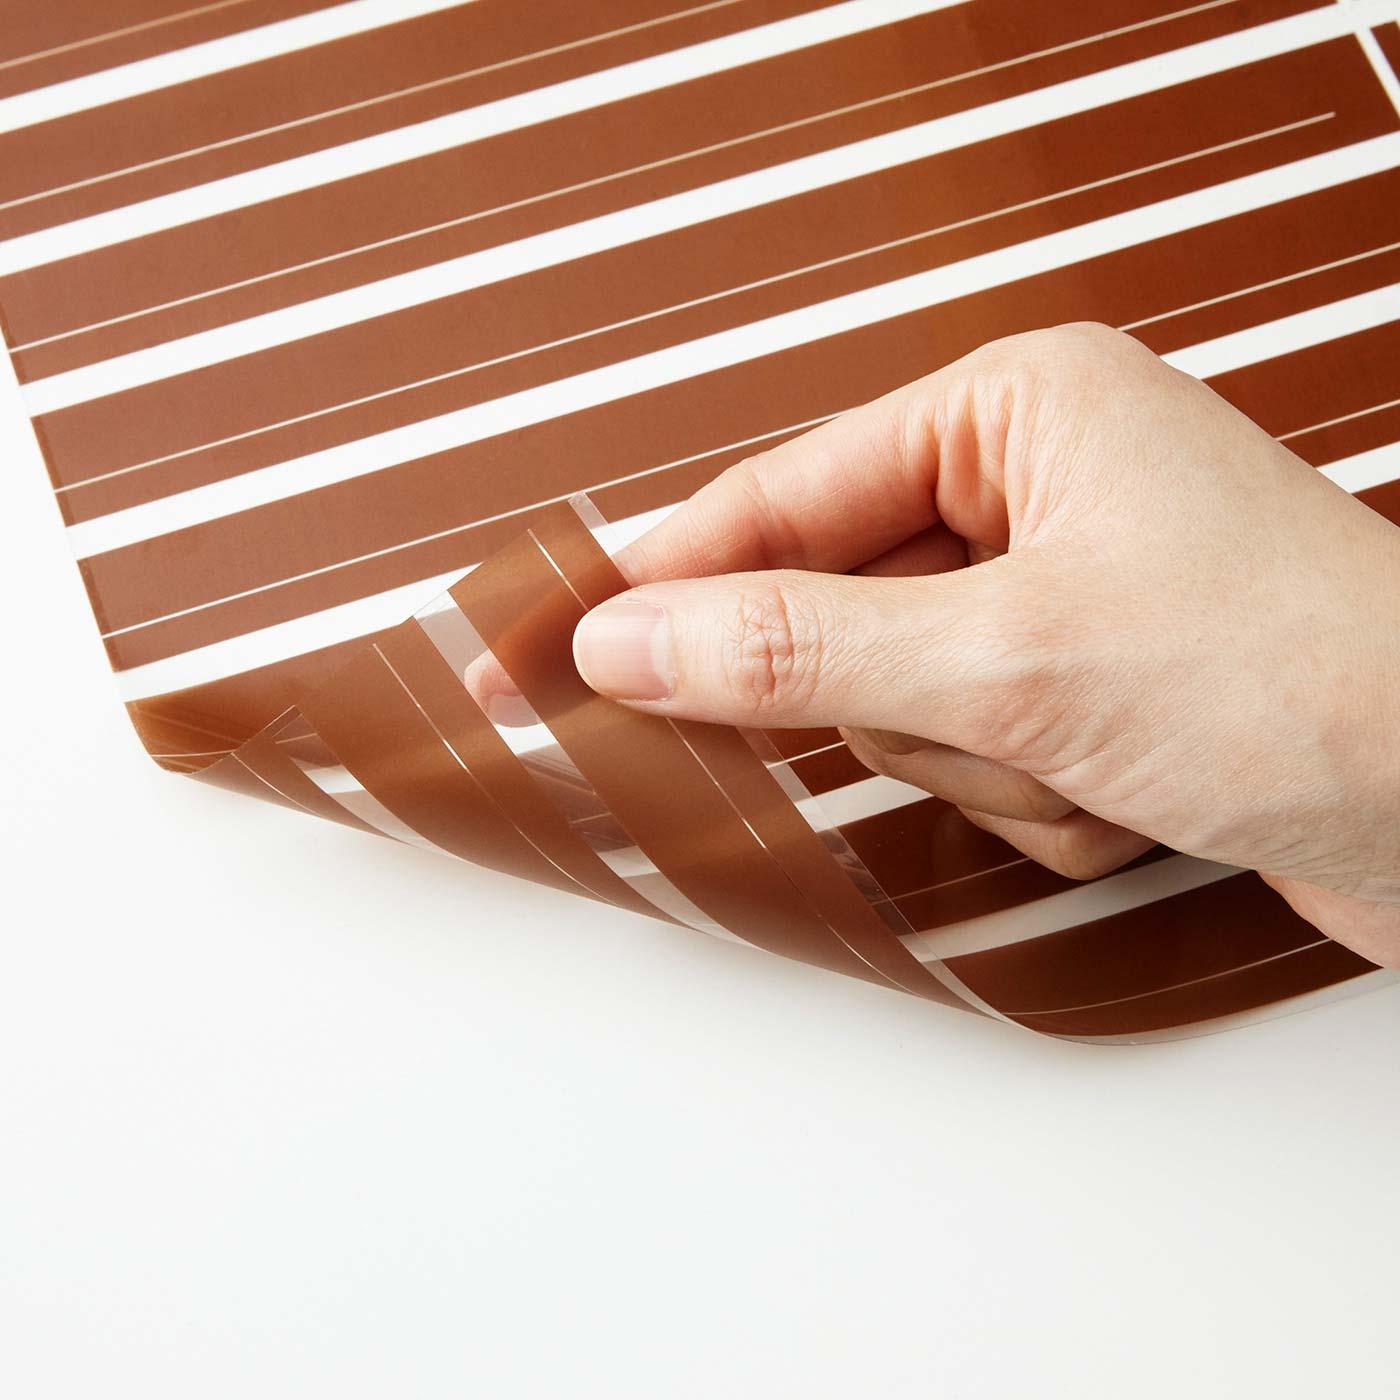 ほどよい透け感のプリントに、UVカット加工をほどこした特殊シート。